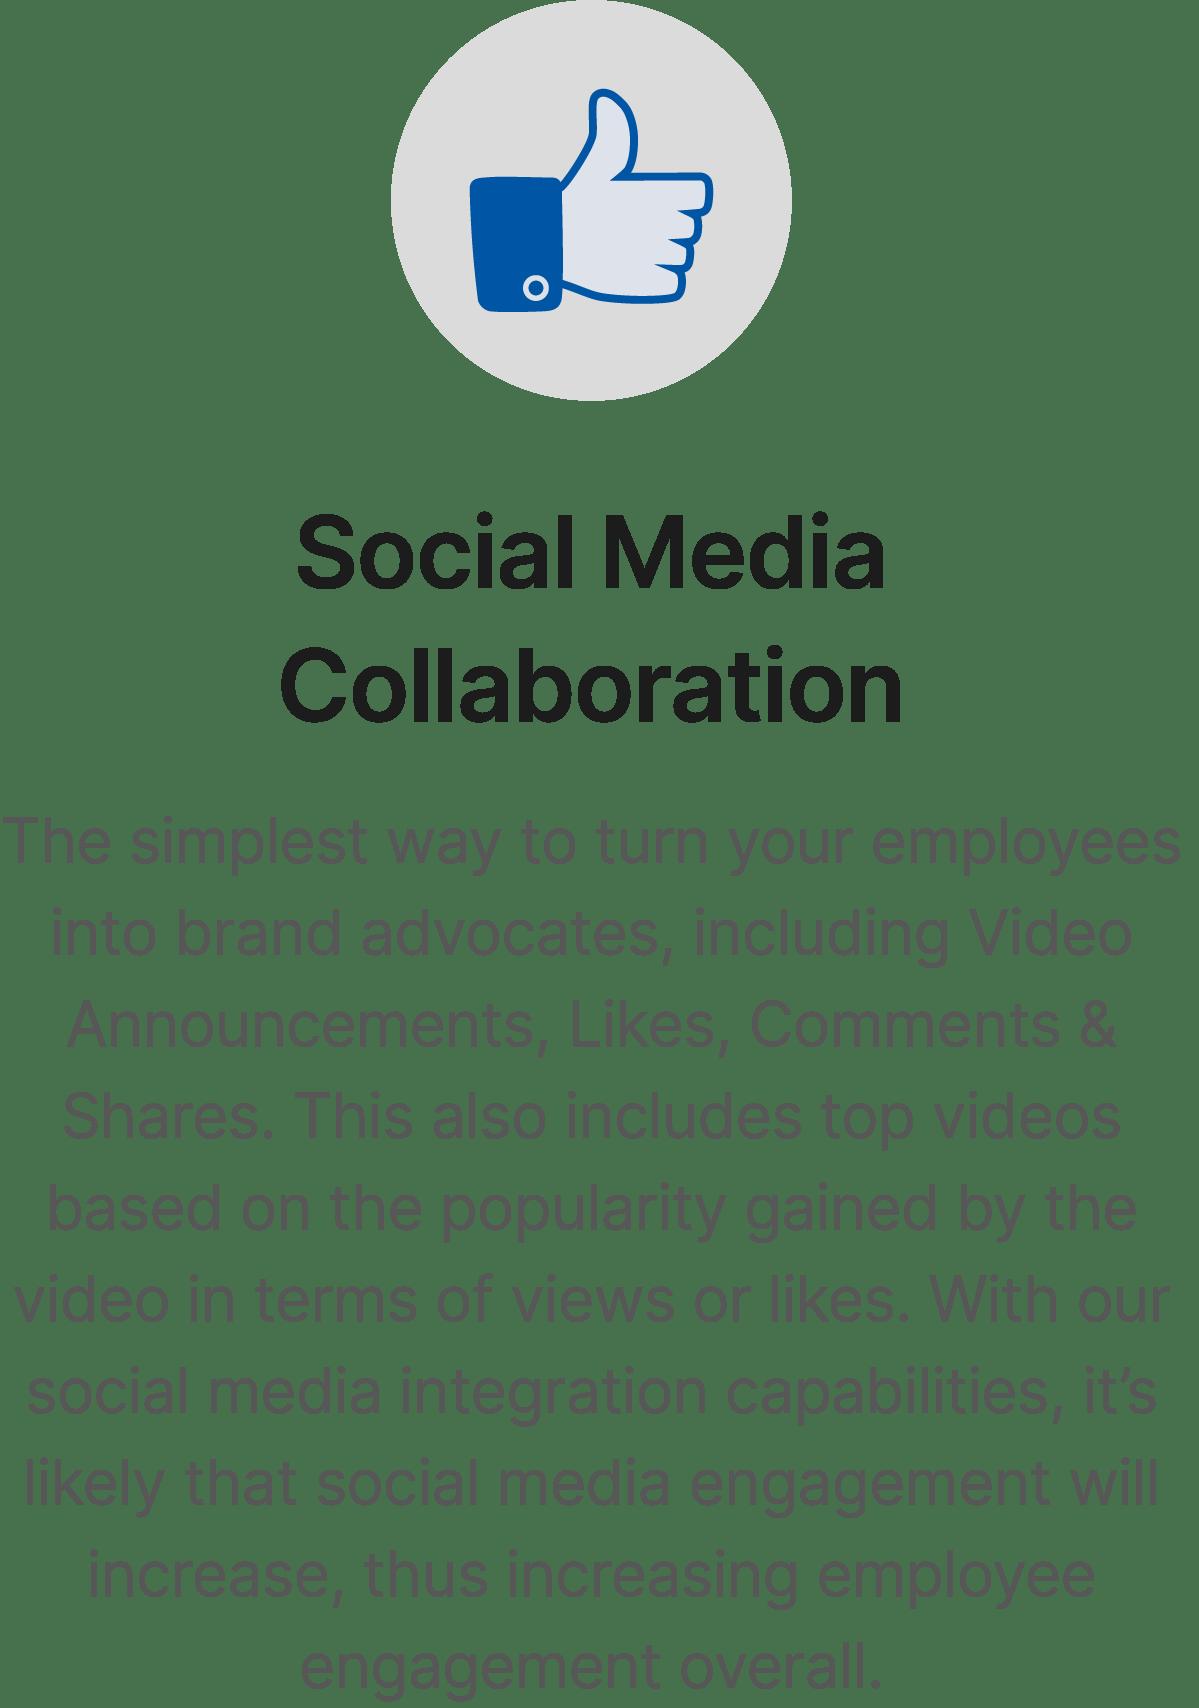 SocialMediaCollaboration